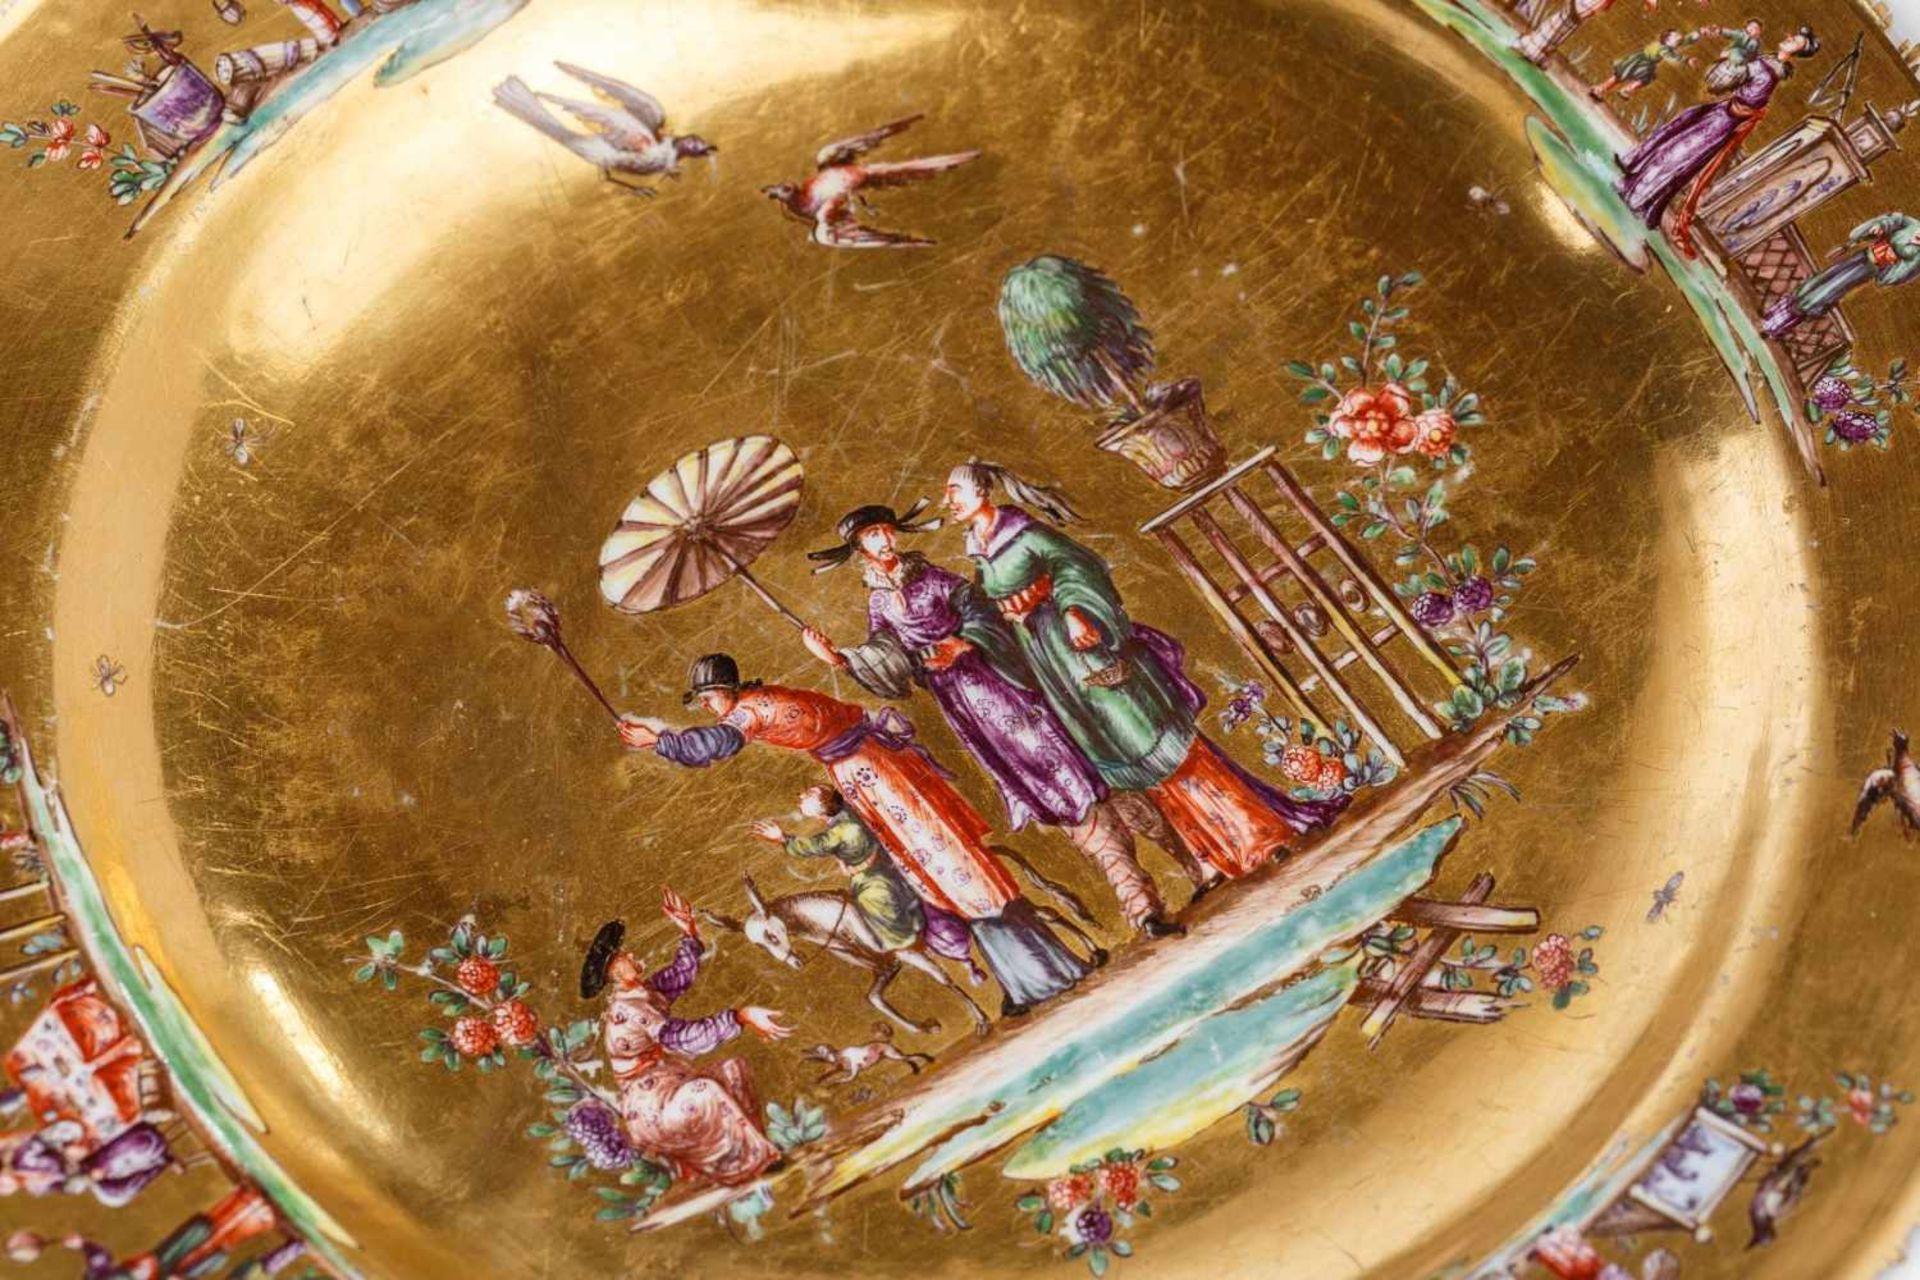 Seltene dreiteilige Deckelterrine, Meissen 1730/35 - Bild 5 aus 7